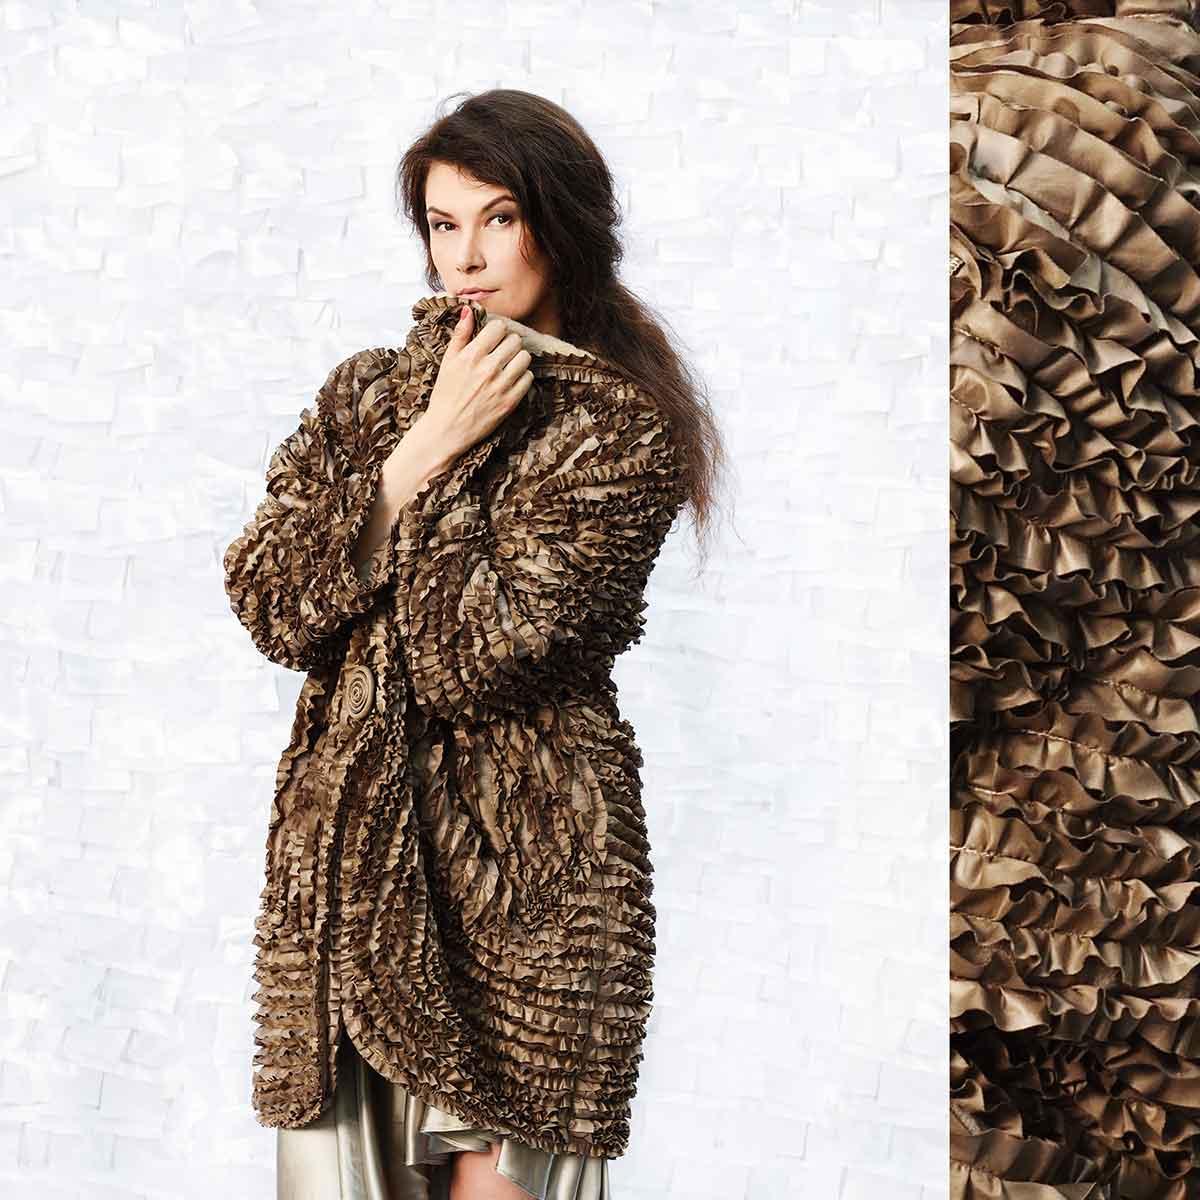 Модели для рекламы одежды в интернет магазине создание сайта 2-й Тверской-Ямской переулок